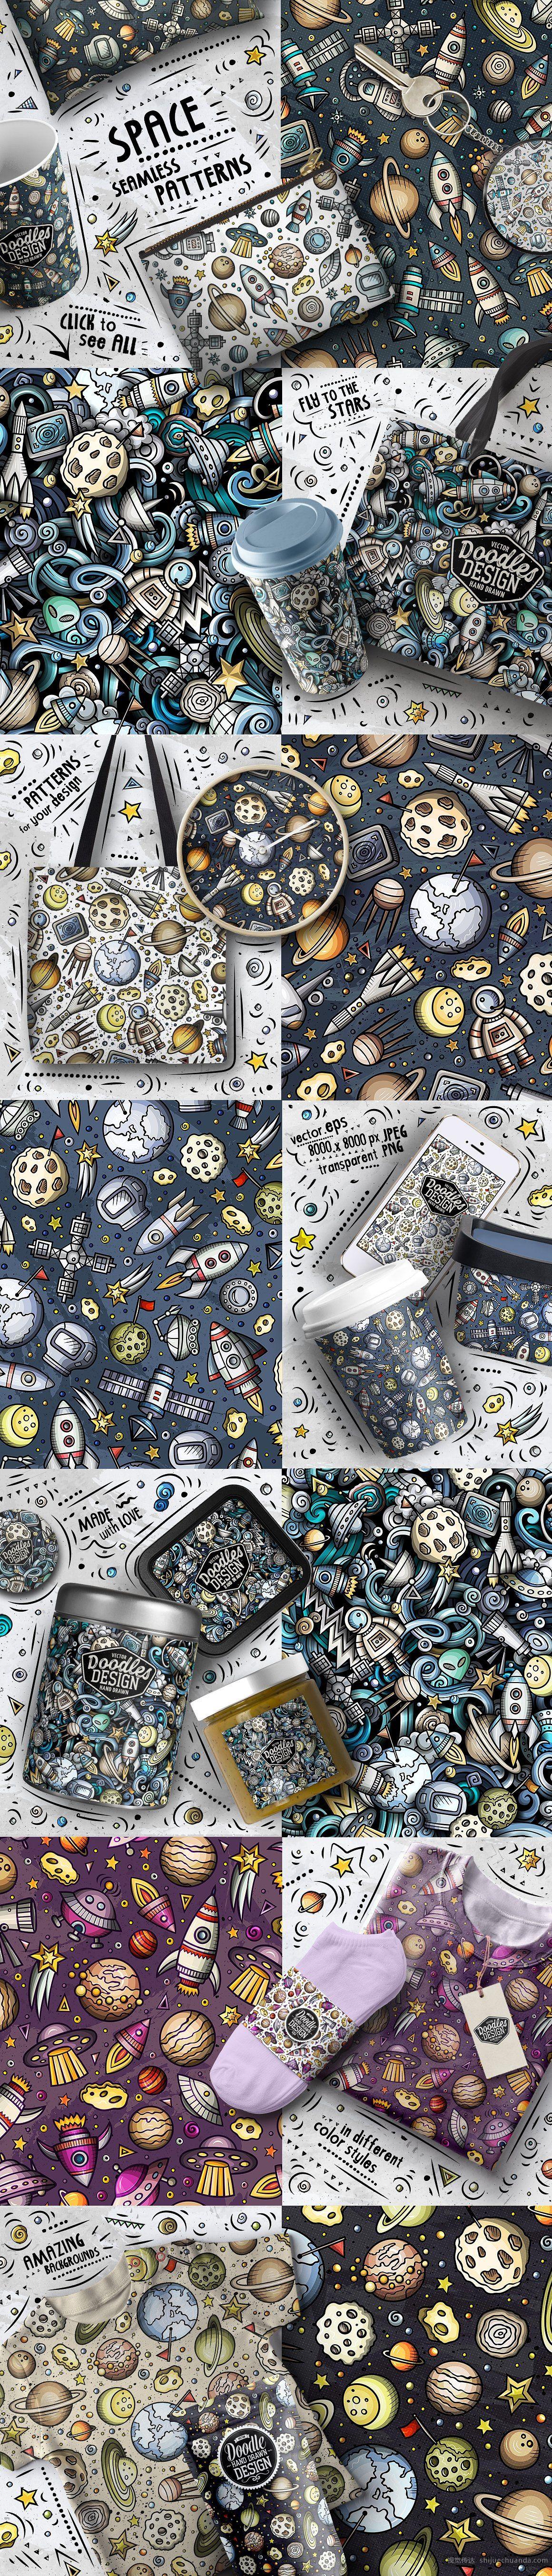 太空卡通涂鸦矢量素材包